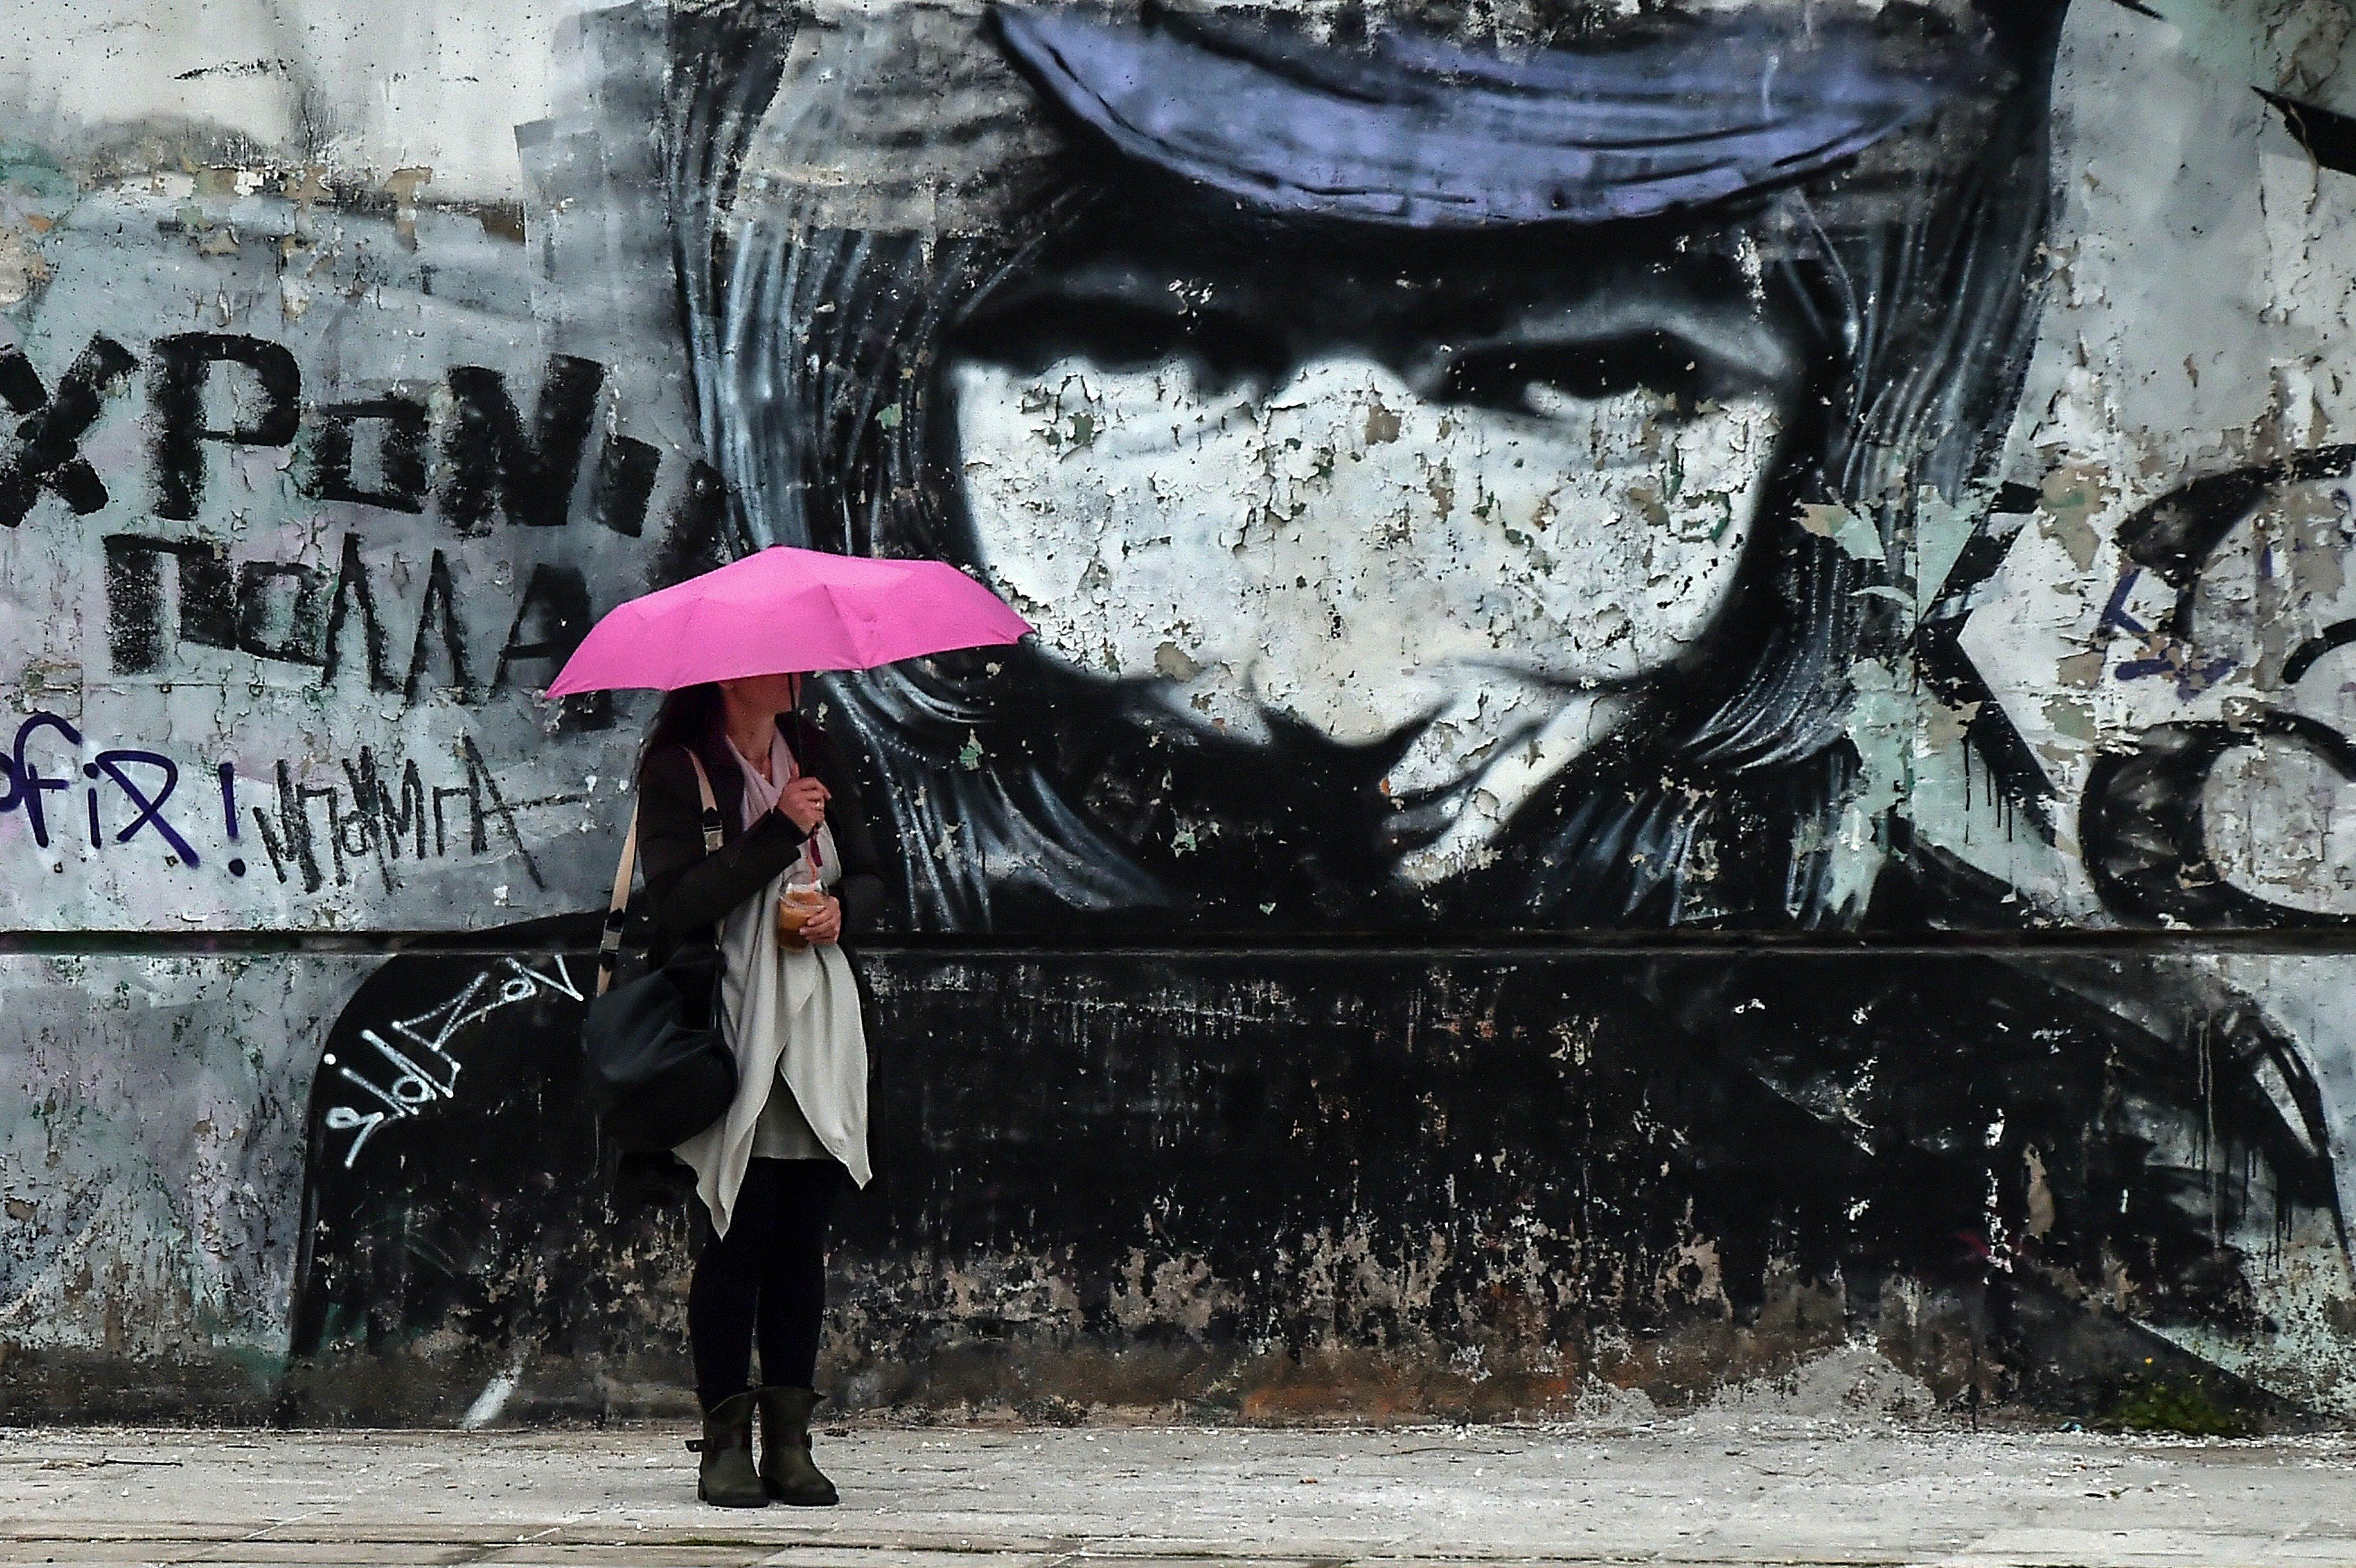 ΟΟΣΑ: Η μεσαία τάξη της Ελλάδας σε επικίνδυνα